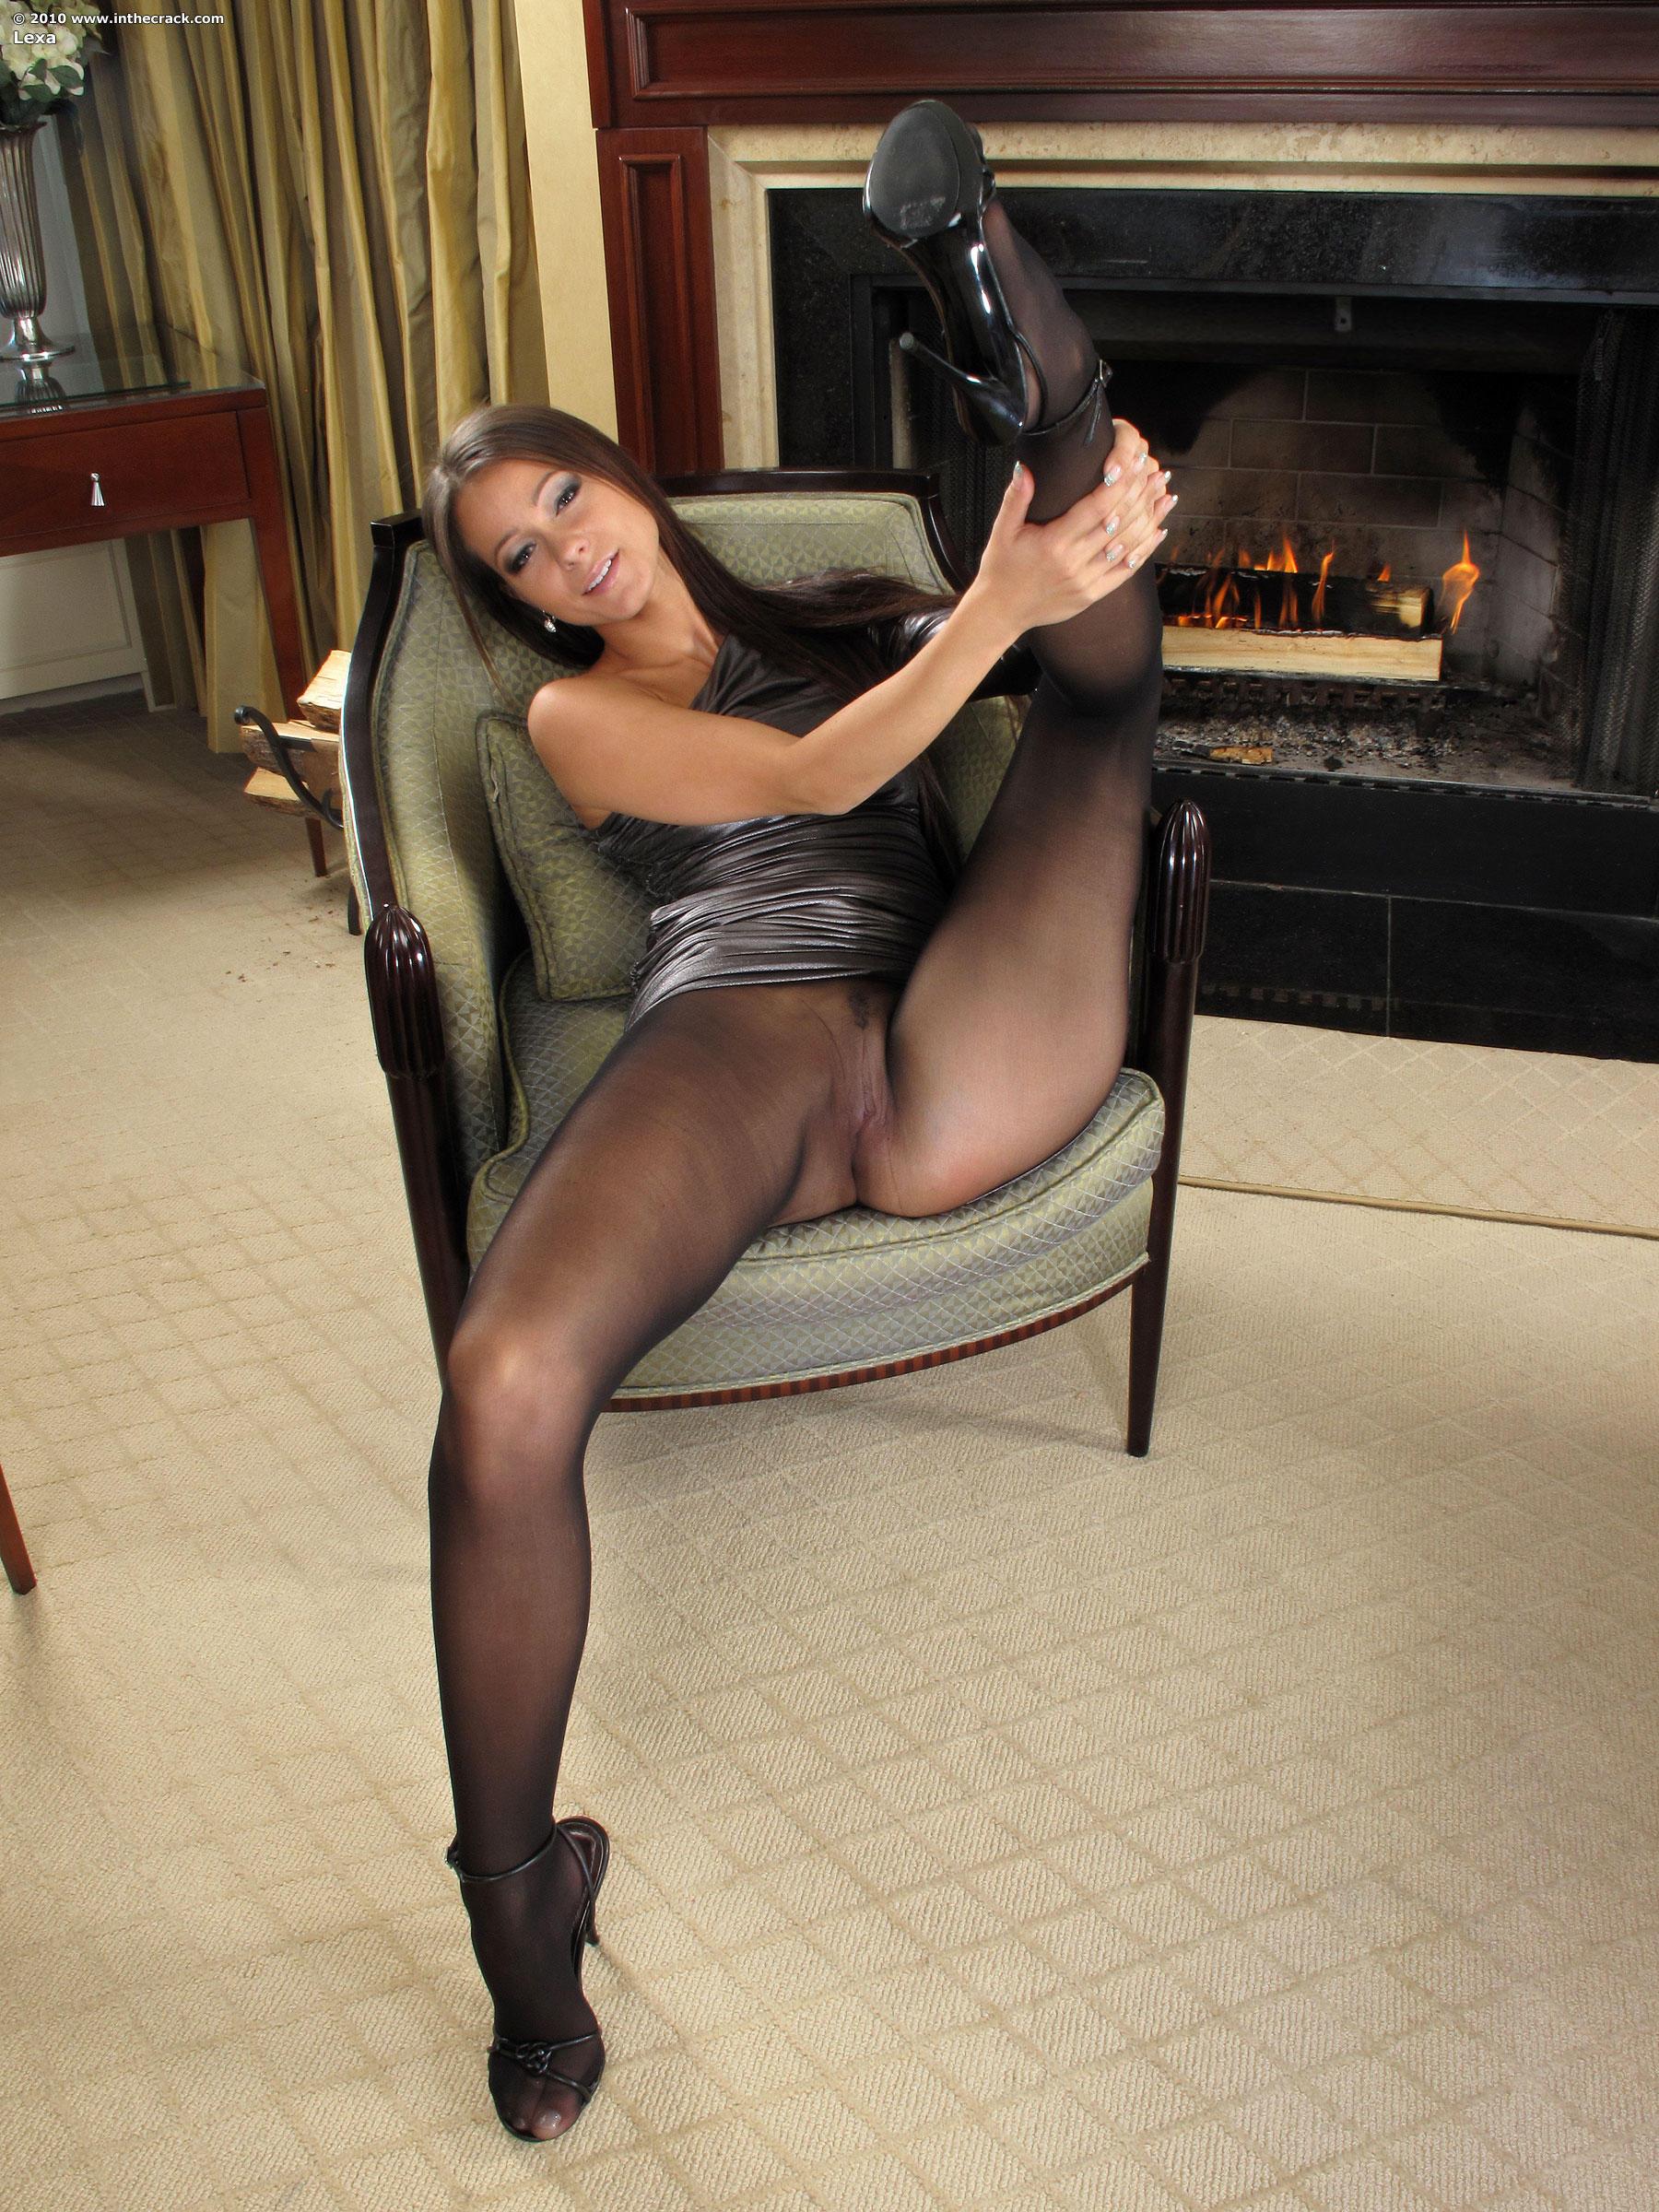 turboimagehost.com show-022 porn  lexa fireplace 022 (lexa_fireplace_022.jpg) - 5046009 - Free Image Hosting at TurboImageHost